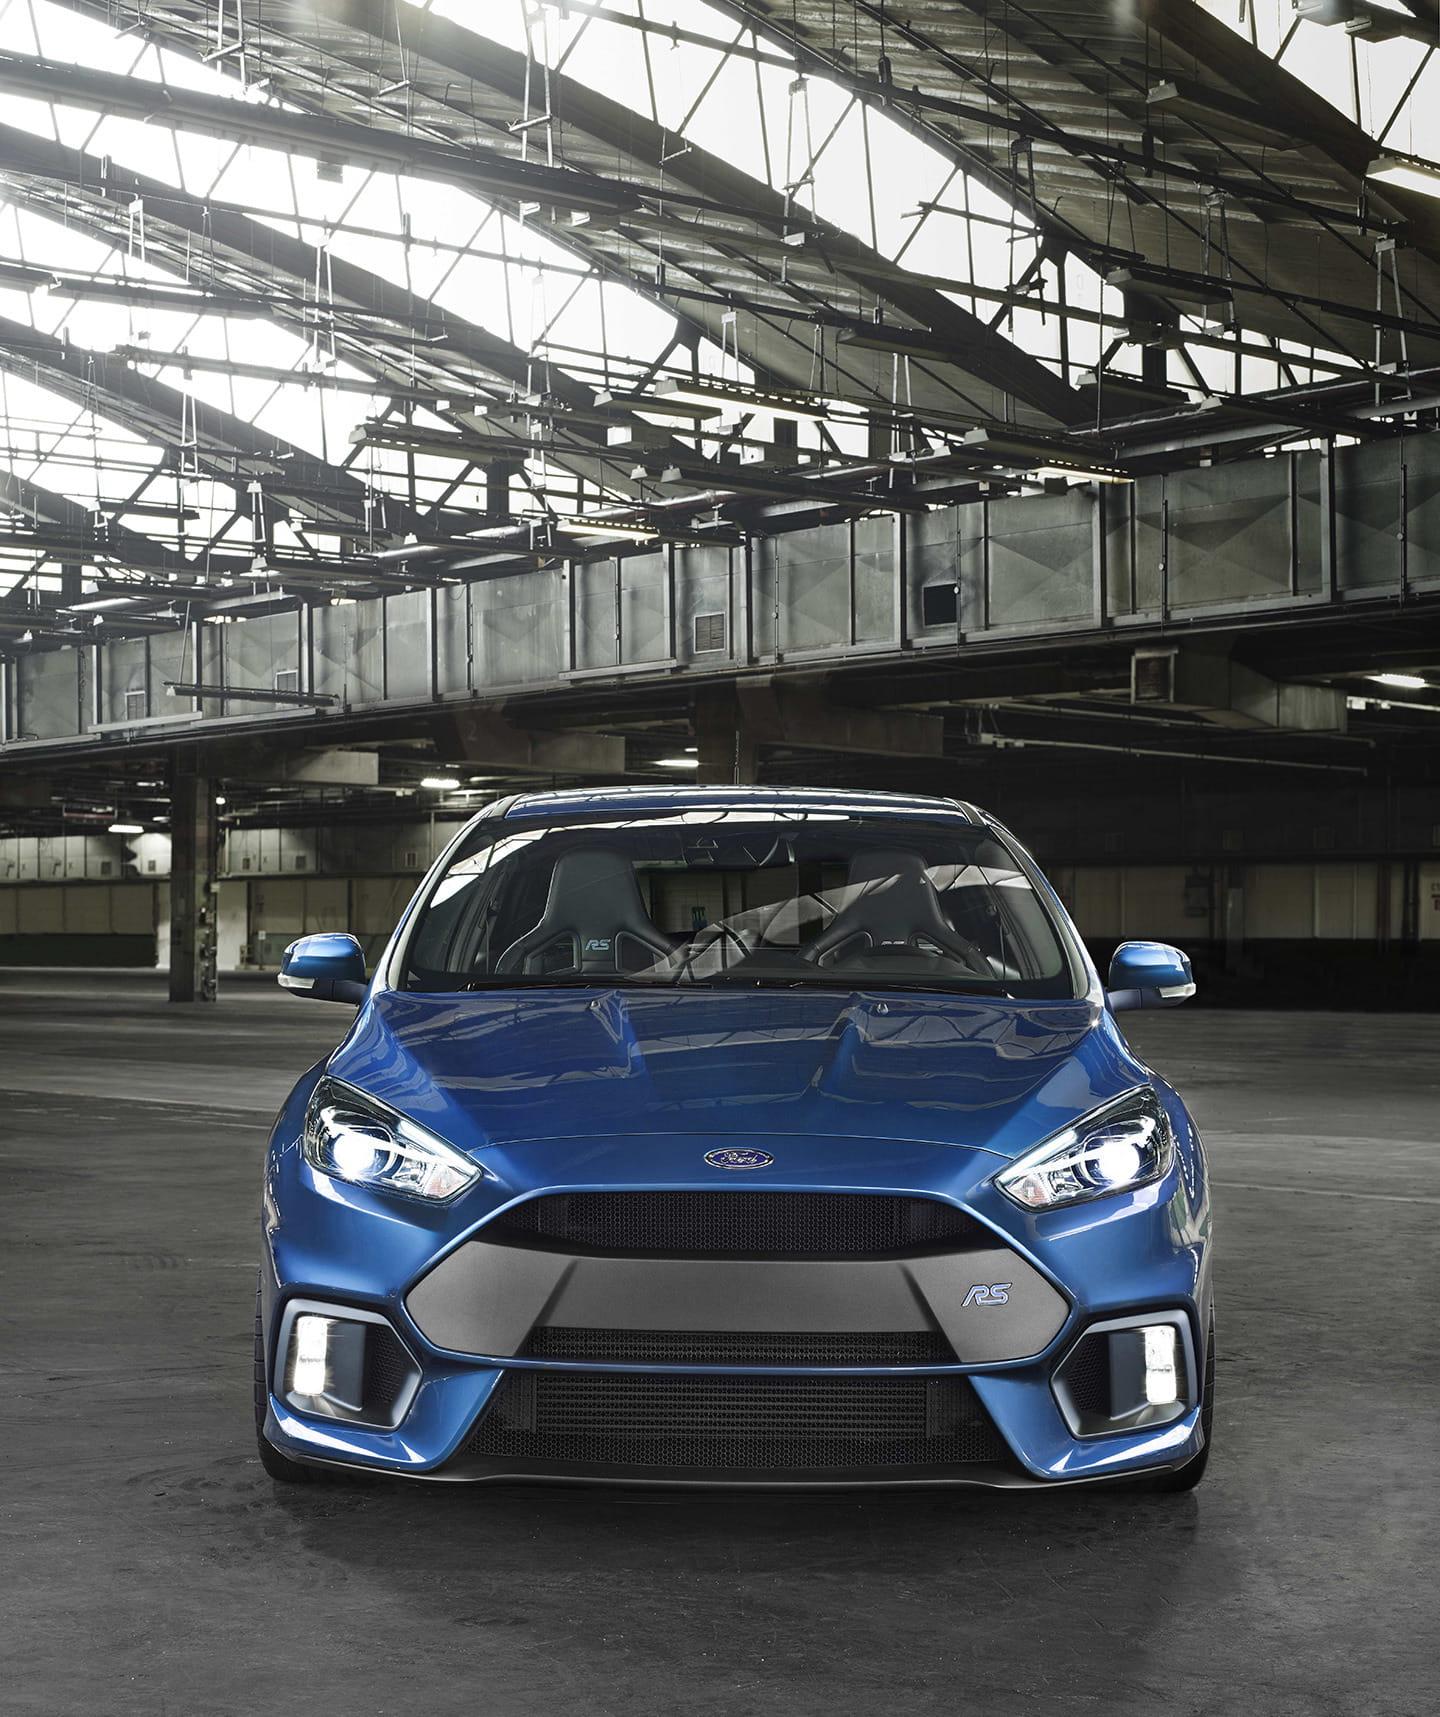 Nuevo Ford Focus RS 2015 (320 CV): la nueva referencia del compacto deportivo. Y sí, tiene tracción total Ford-focus-rs-2015-02